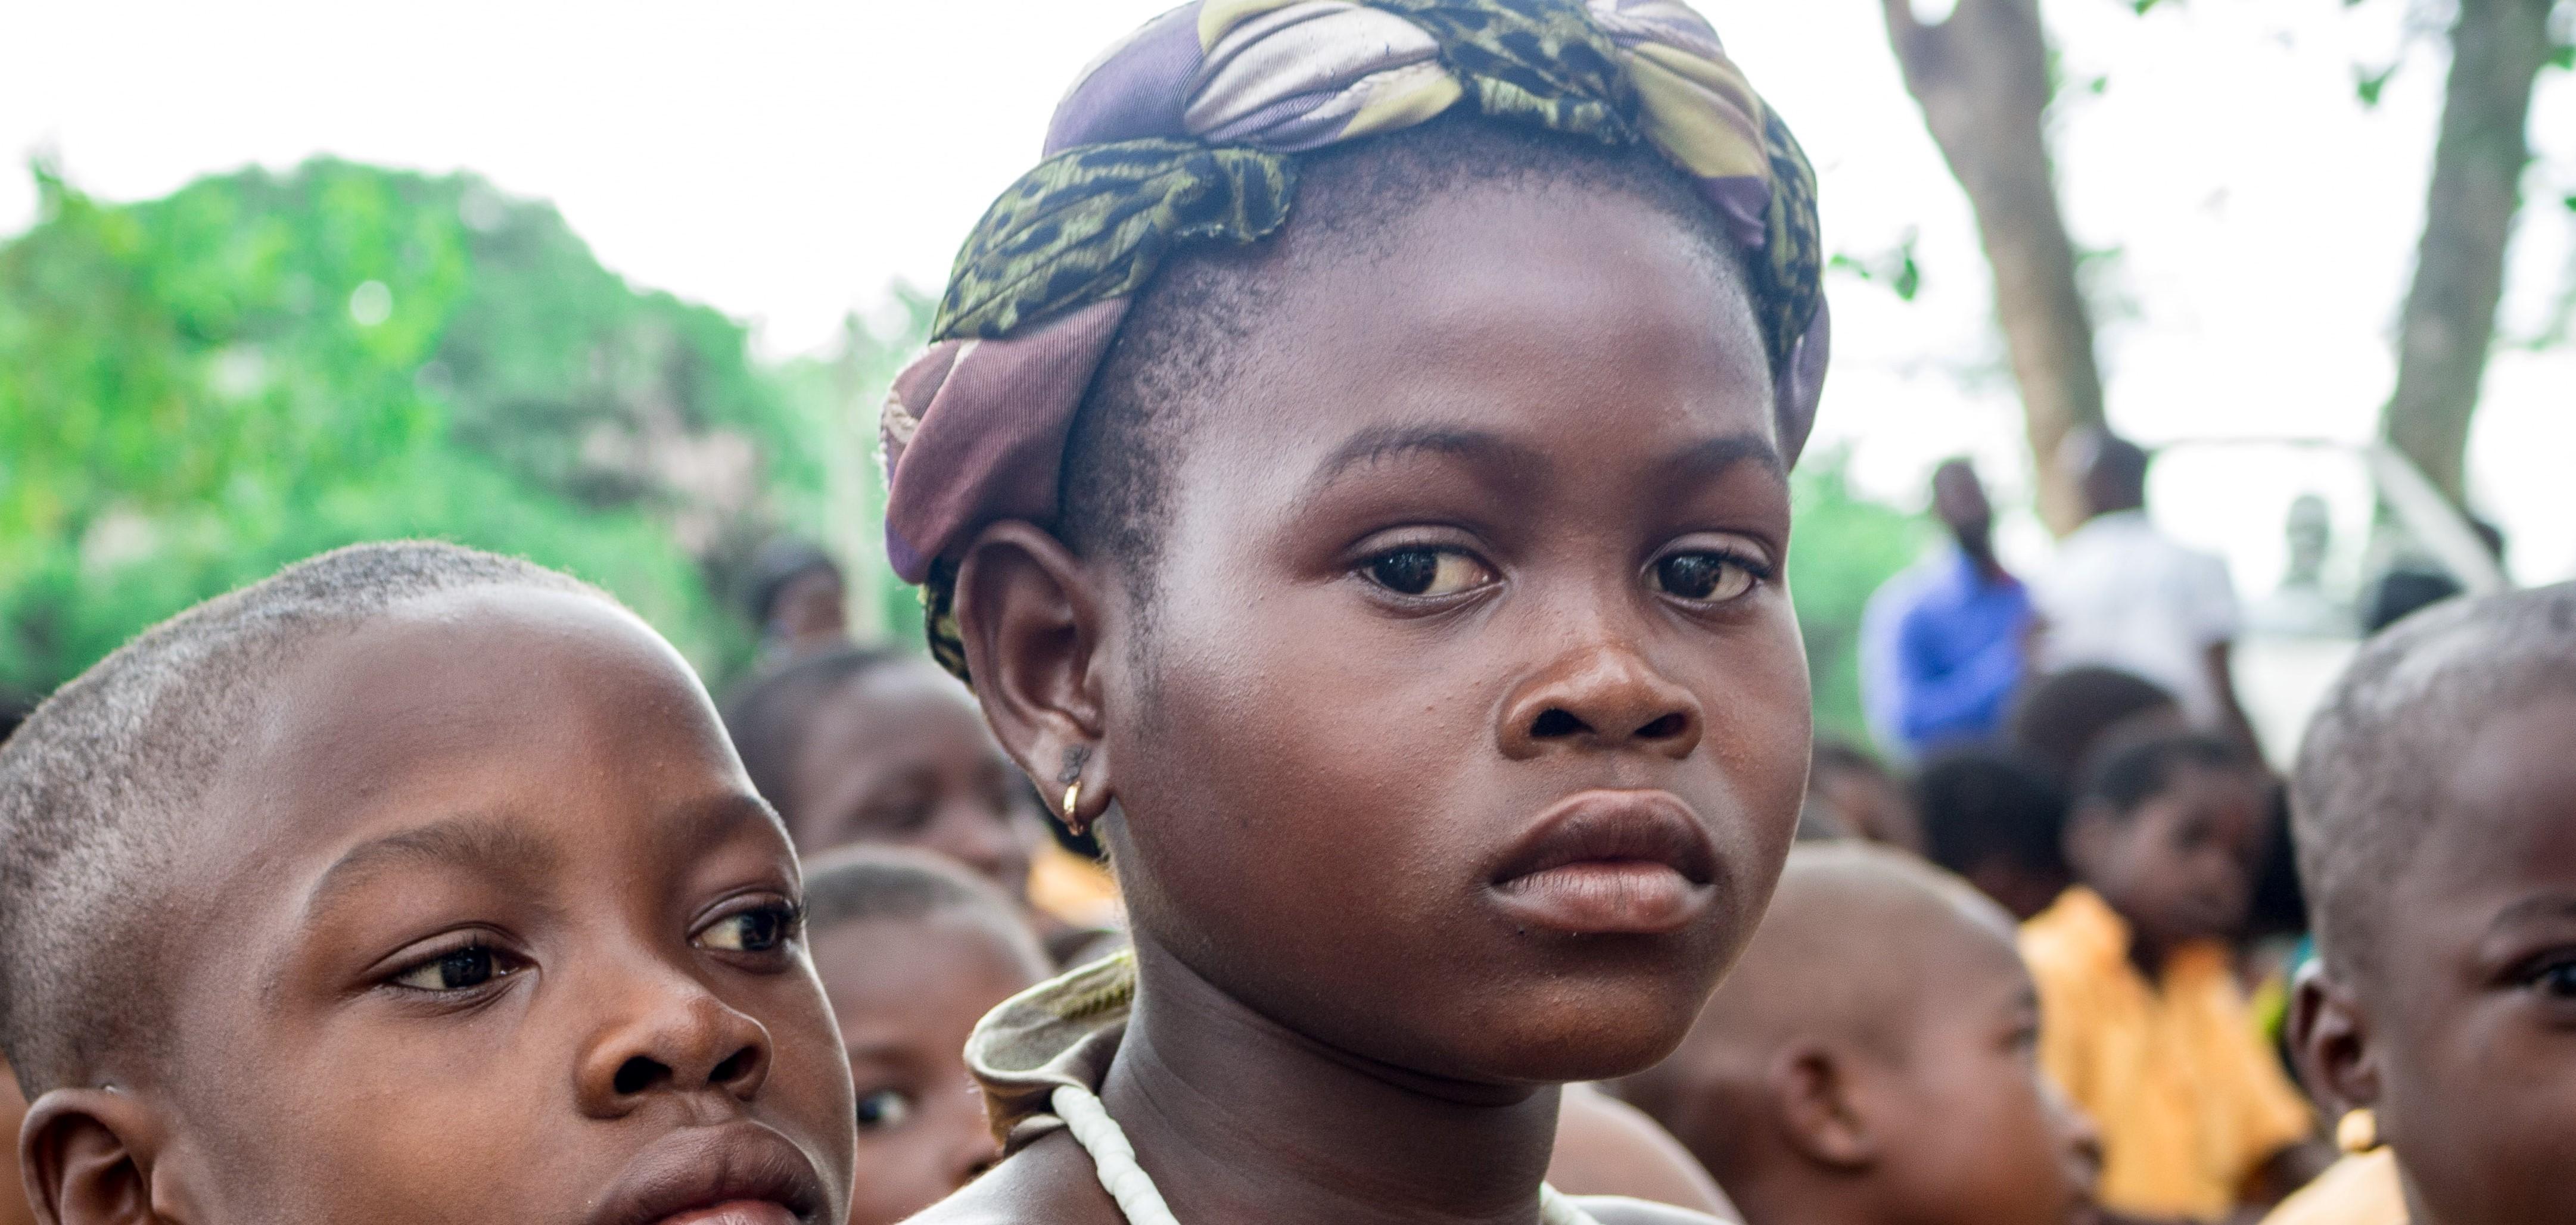 Mitos y realidades sobre la ablación femenina